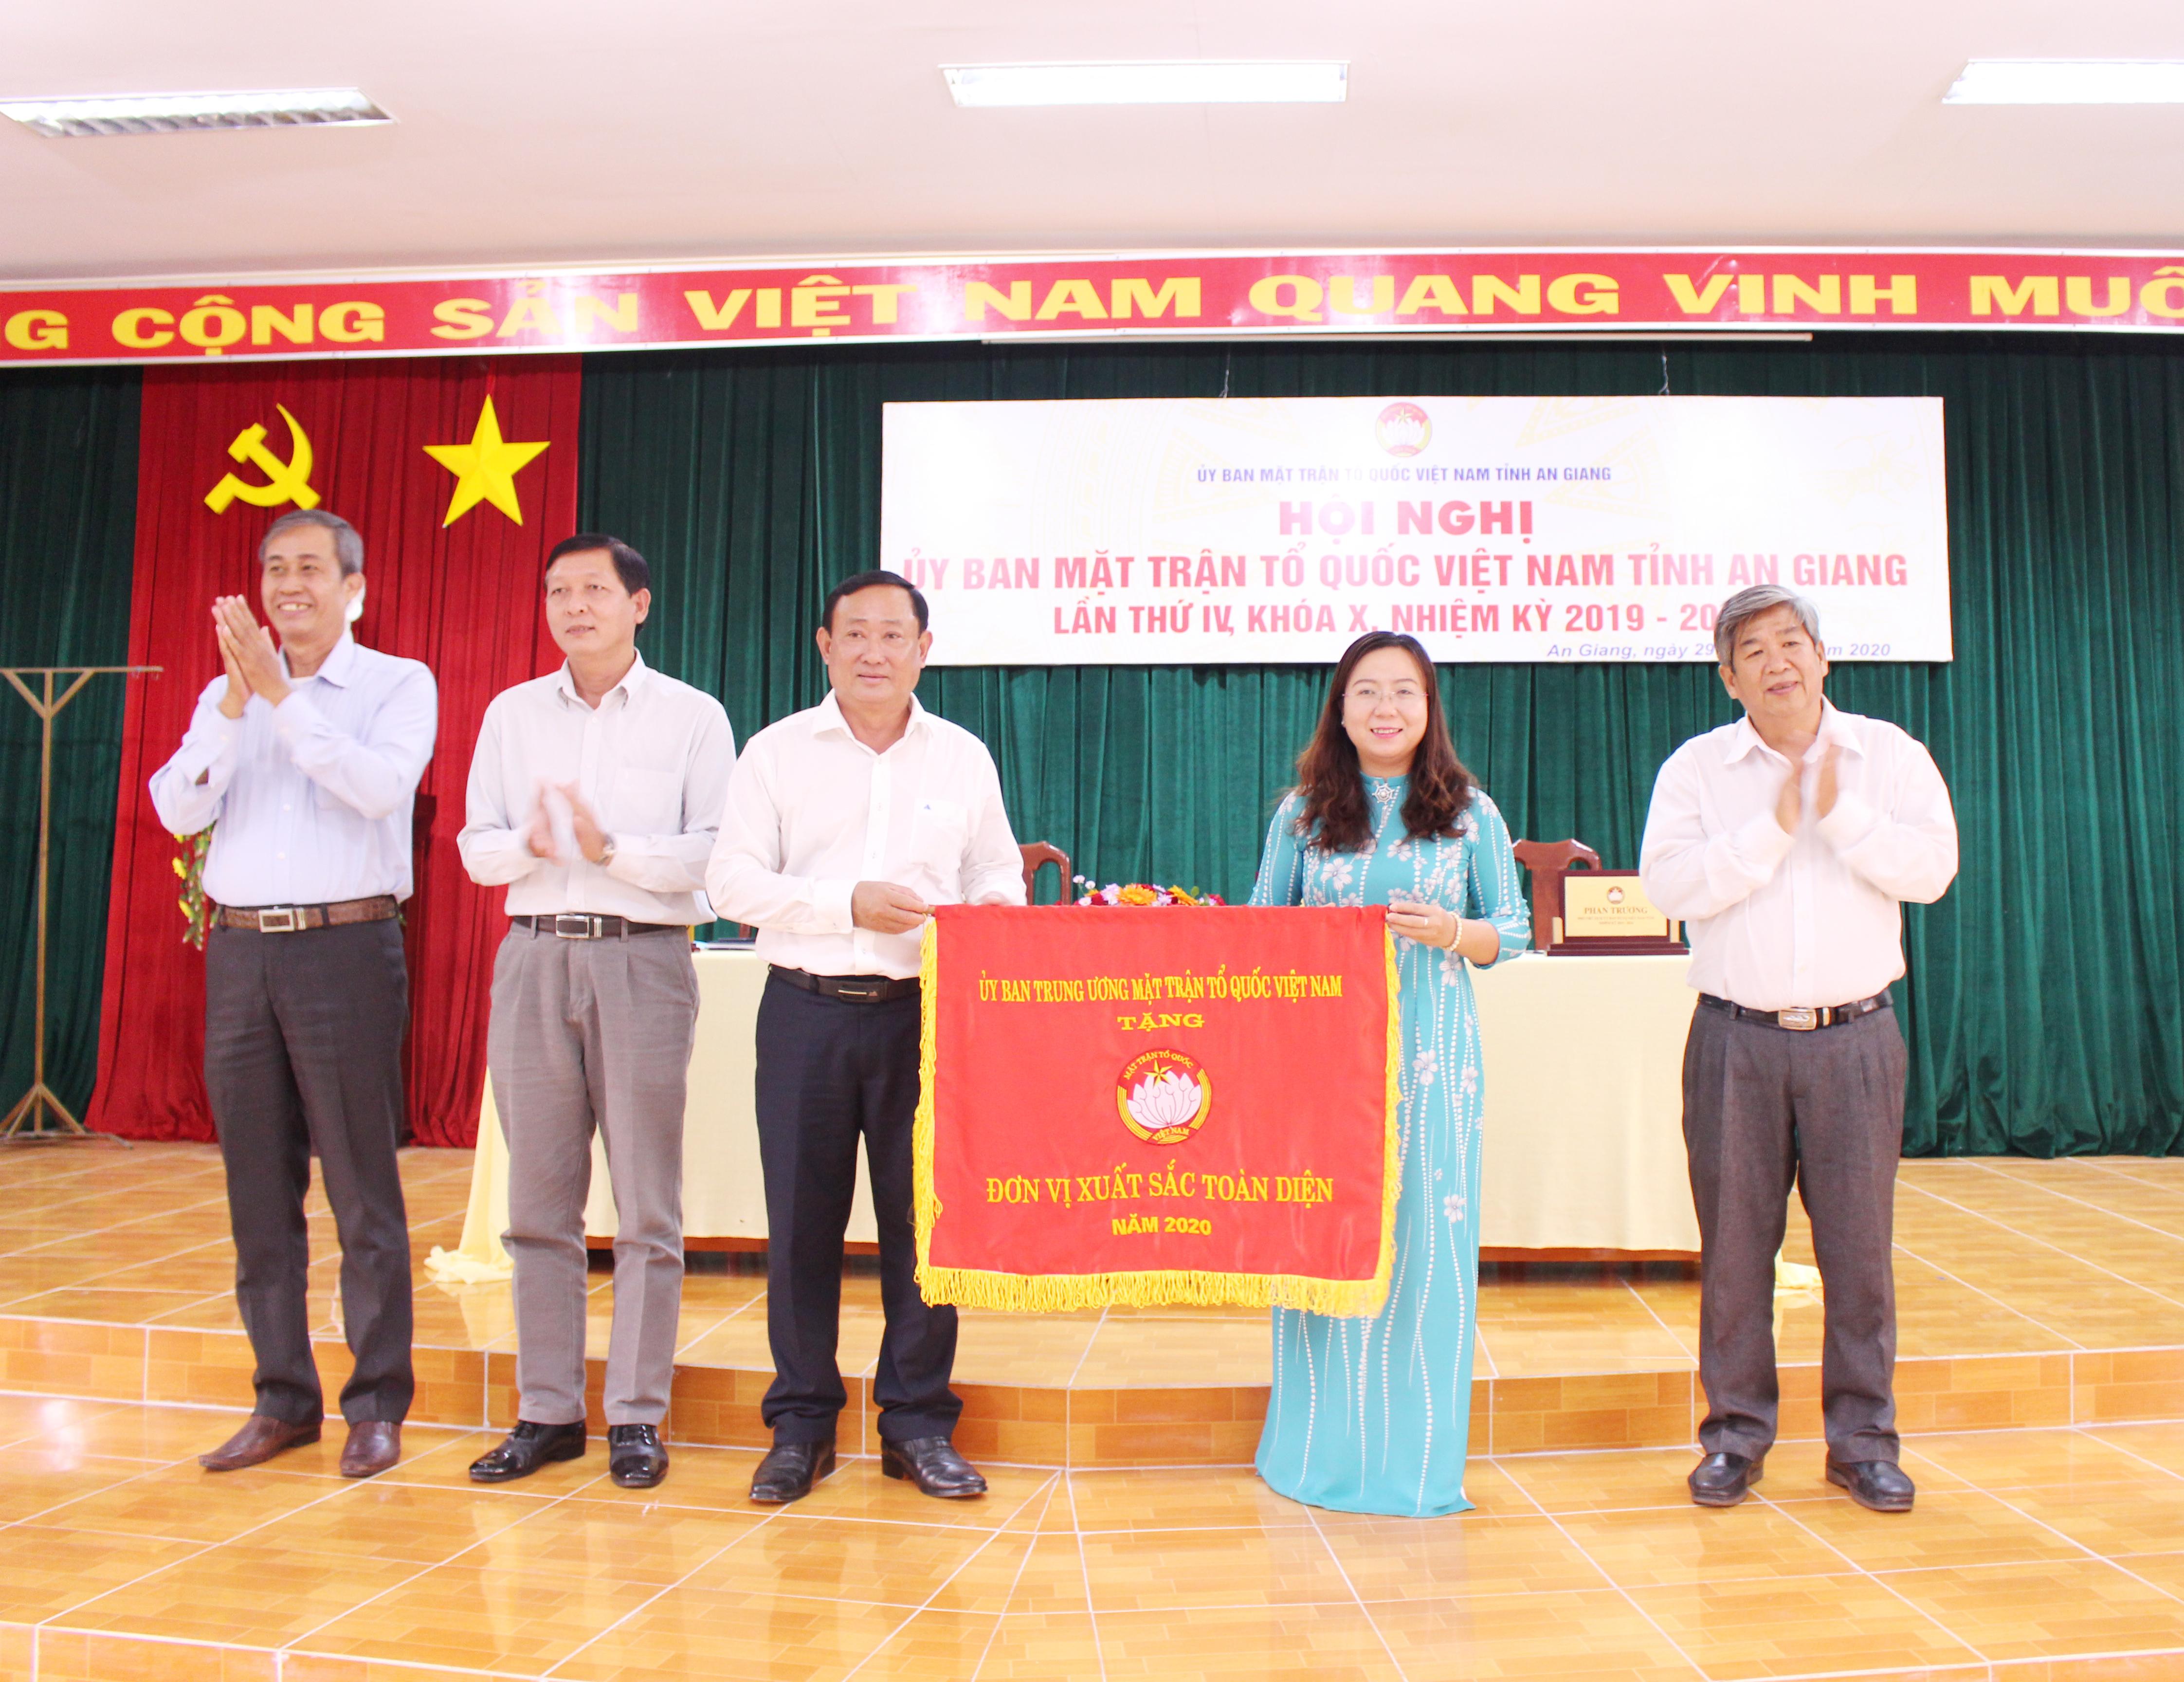 Mặt trận An Giang là 1 trong 9tỉnh, thành cả nước nhận cờ đơn vị xuất sắc toàn diện năm 2020 của UBTƯ MTTQ Việt Nam.